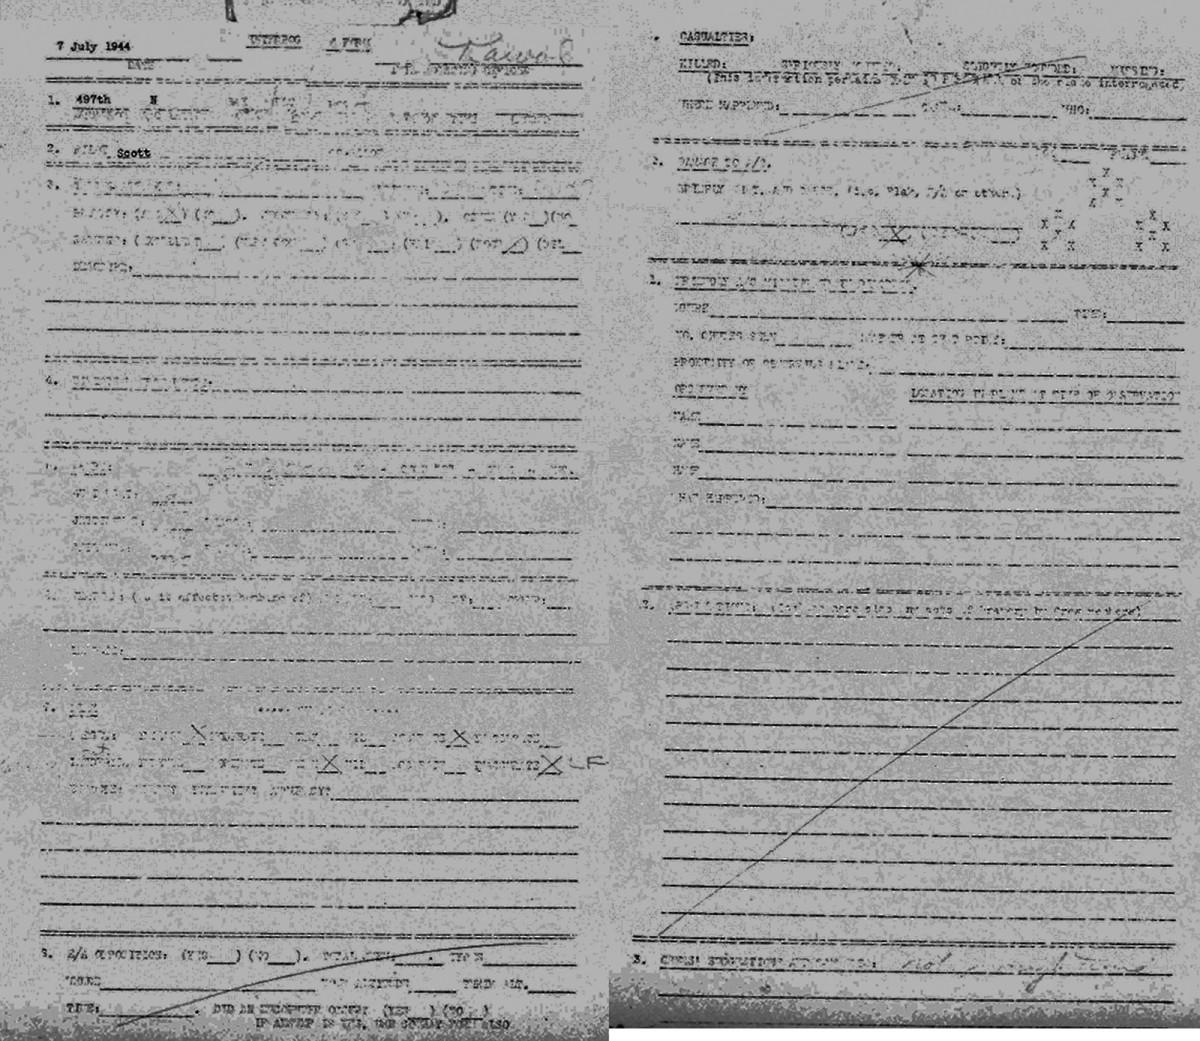 B0291 p1424 July 7, 1944 Debrief Scott